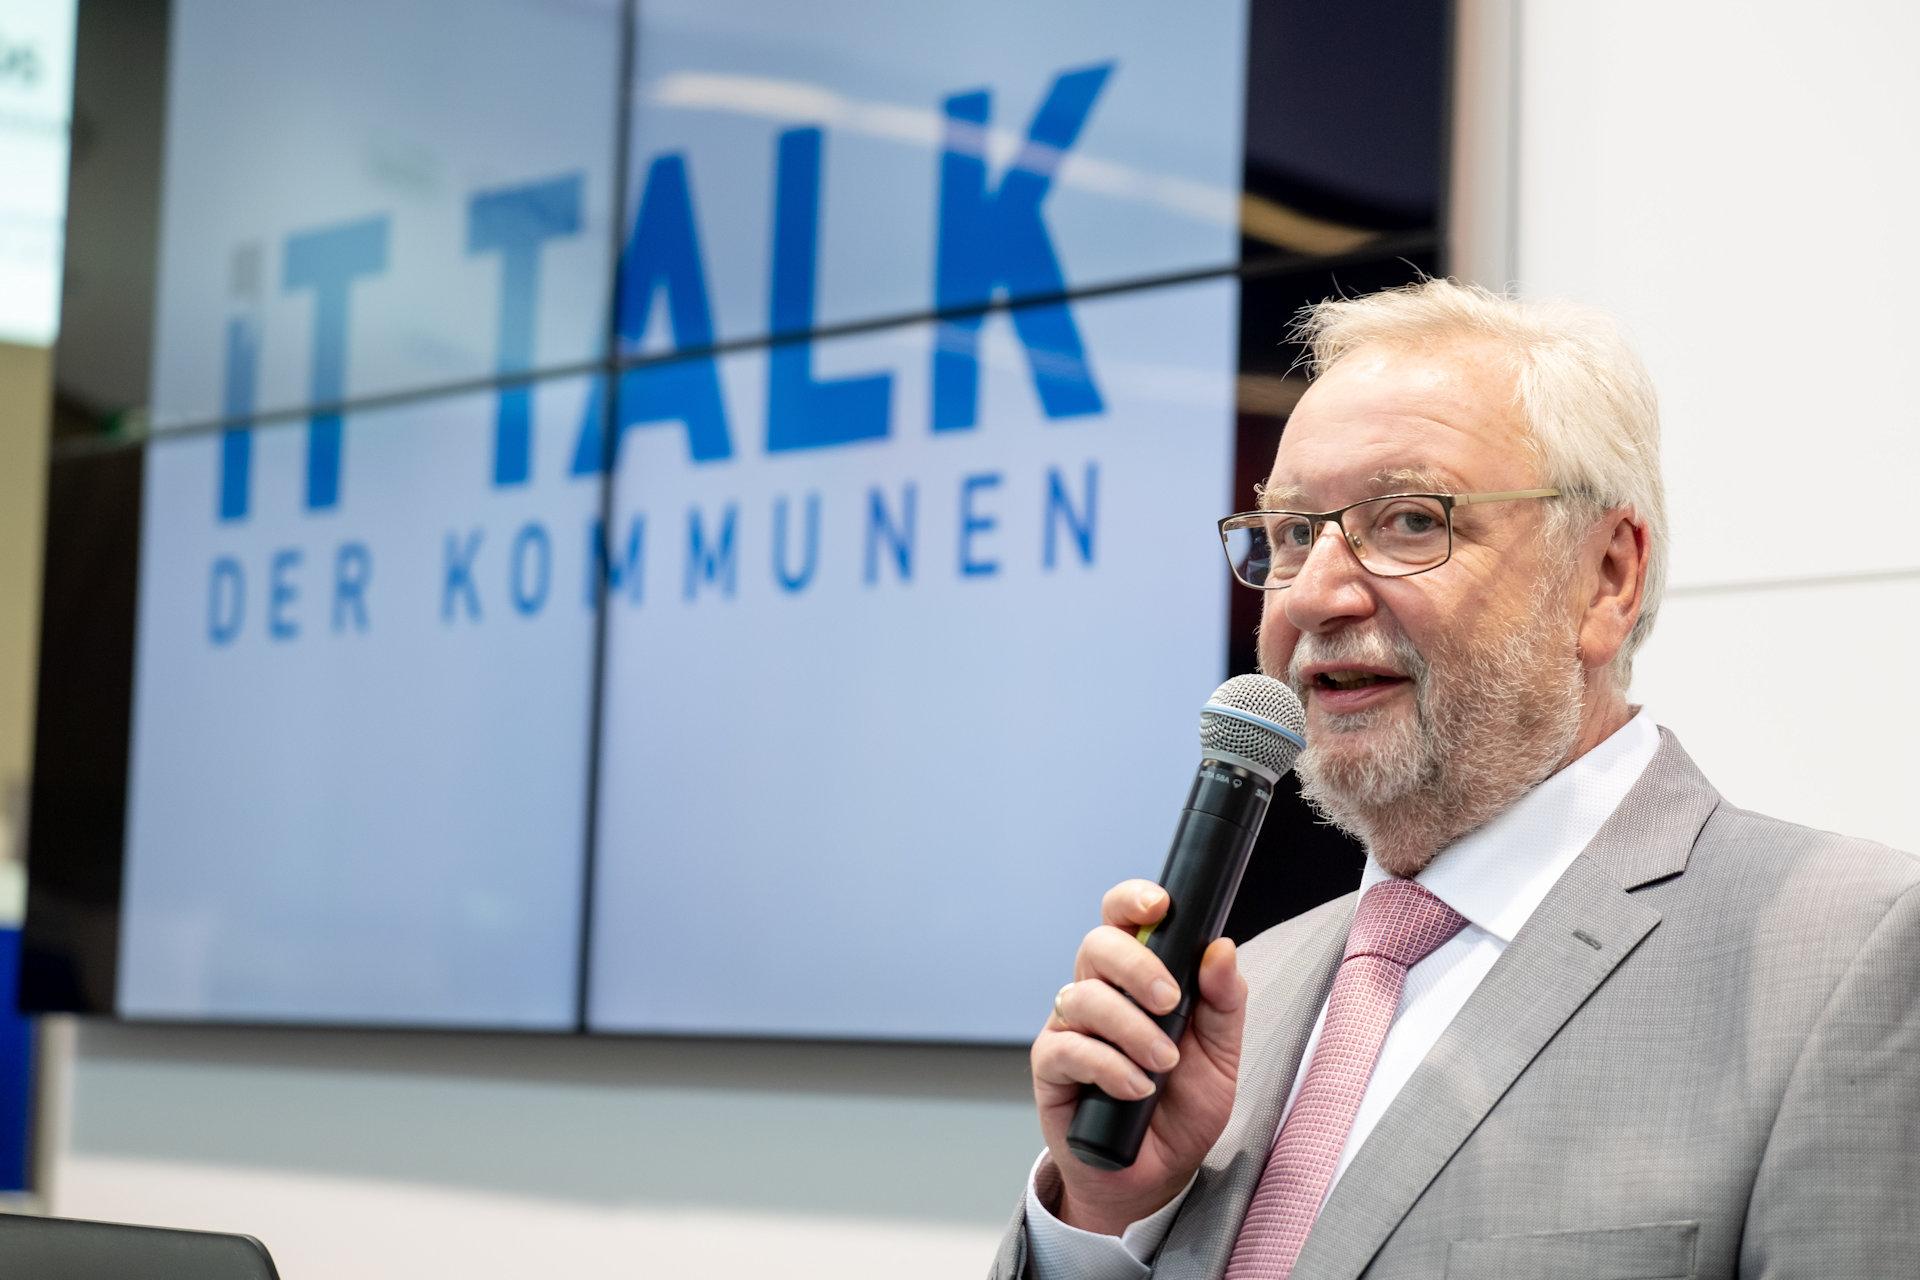 Eduard Heilmayr auf der Preisverleihung des IT-Profi - Urheber: NuernbergMesse / Thomas Geiger